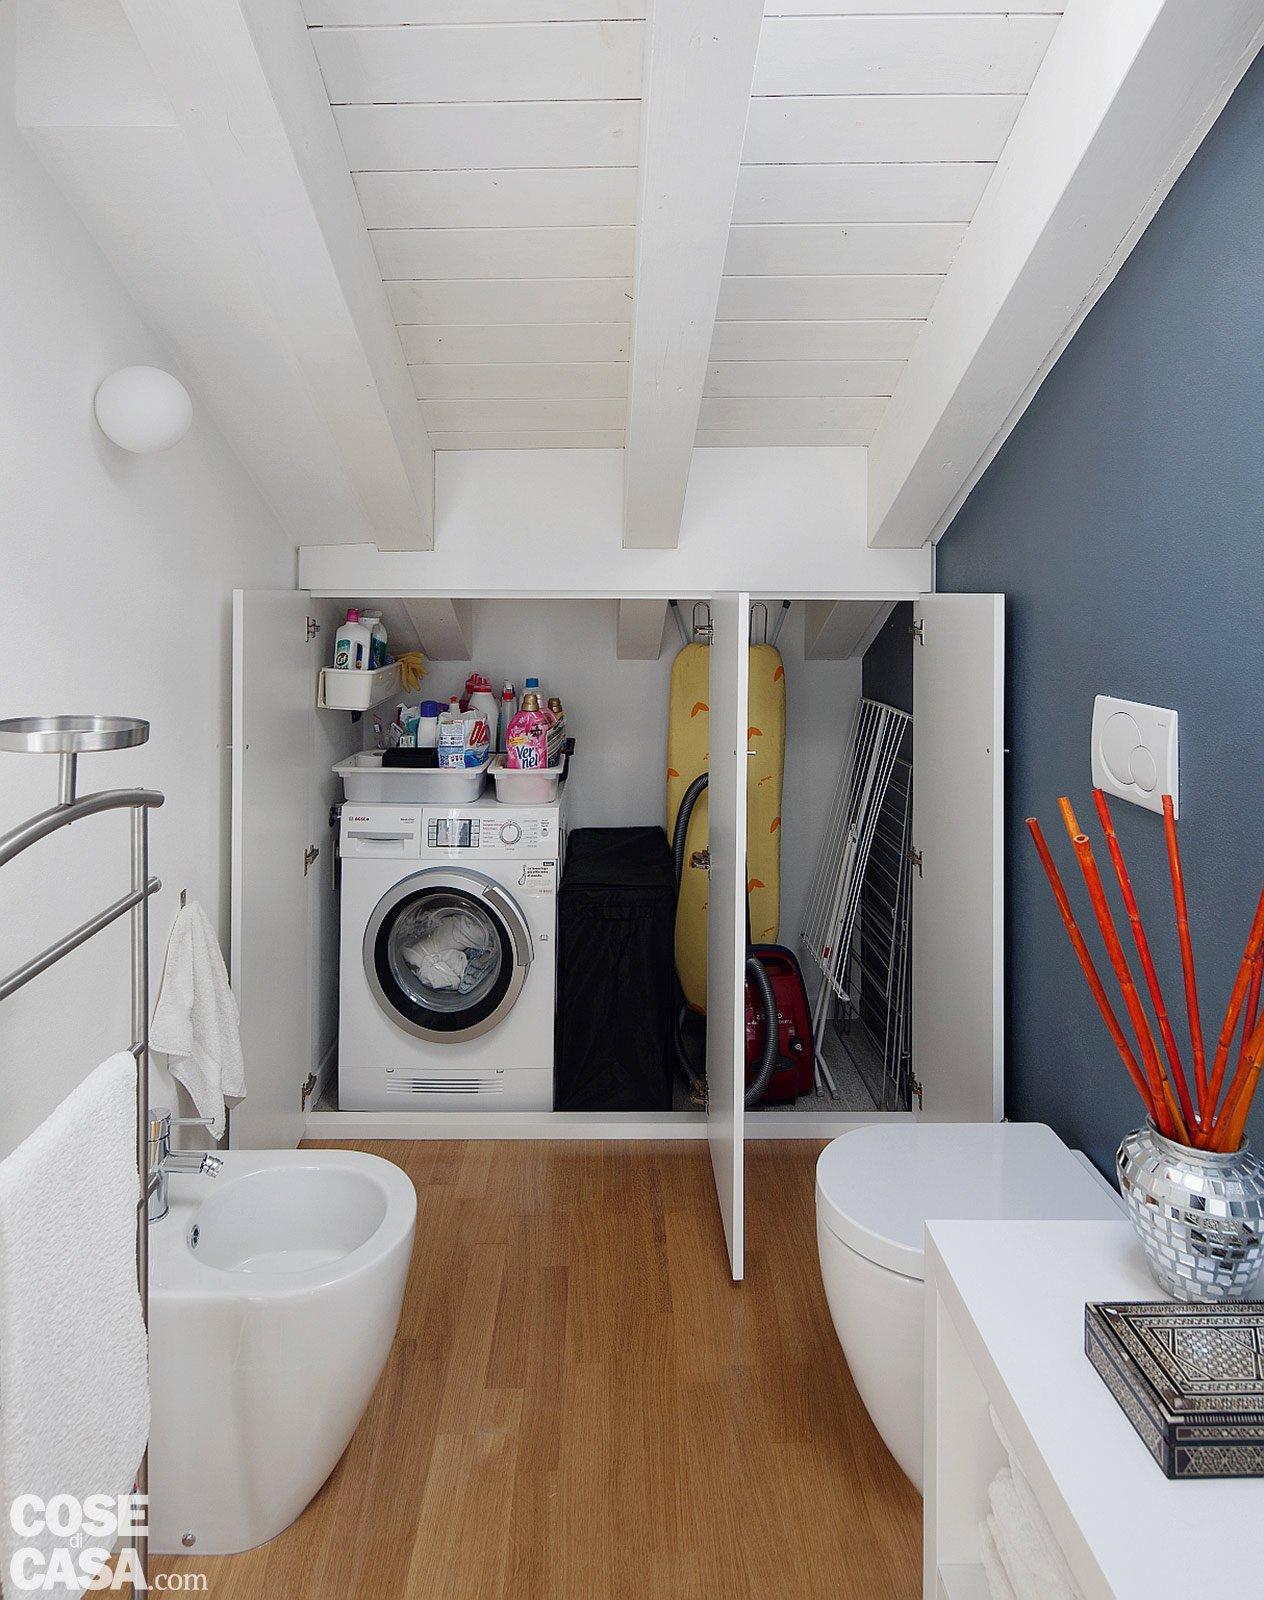 Bagno Piccolo Con Lavatrice E Doccia : Bagno piccolo con lavatrice ...